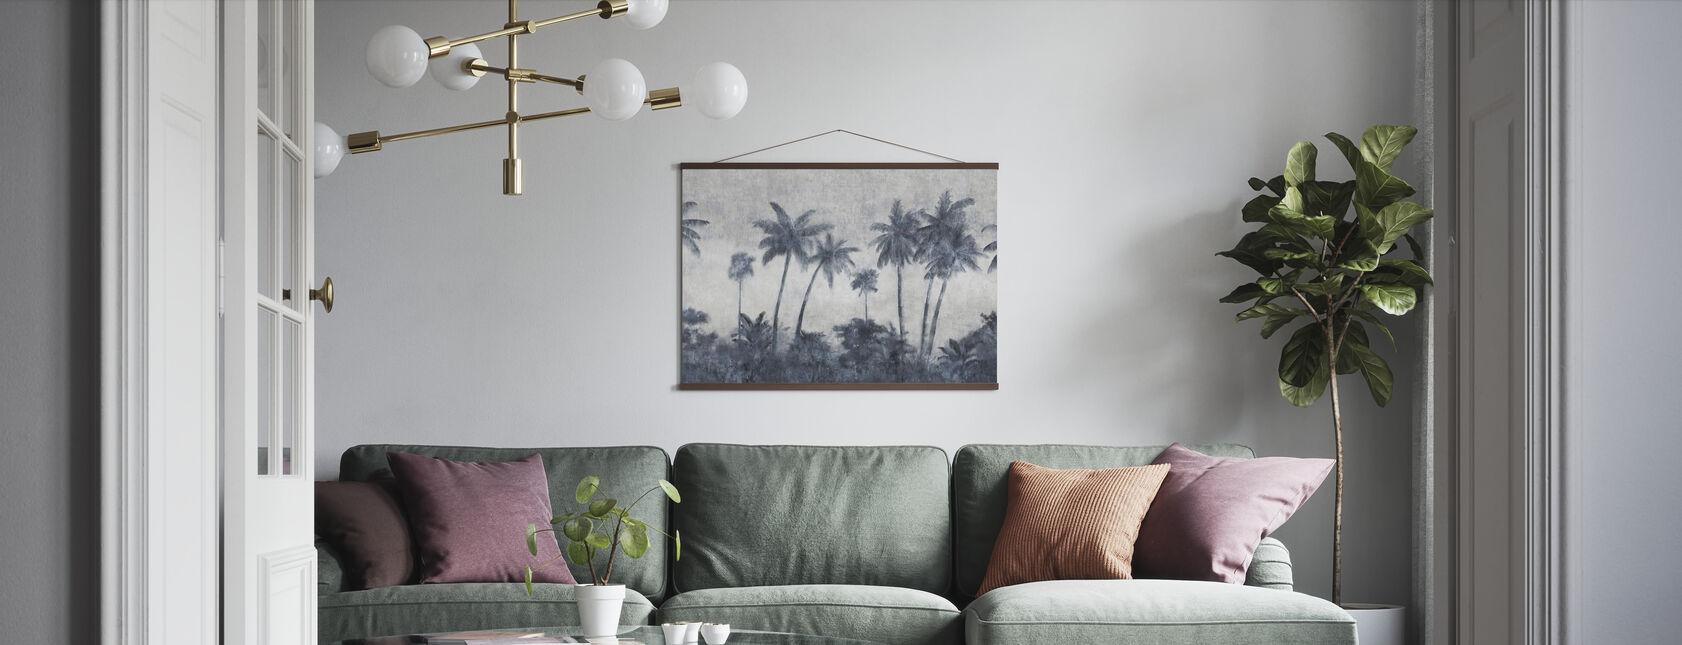 California Palmes sul cemento - Poster - Salotto